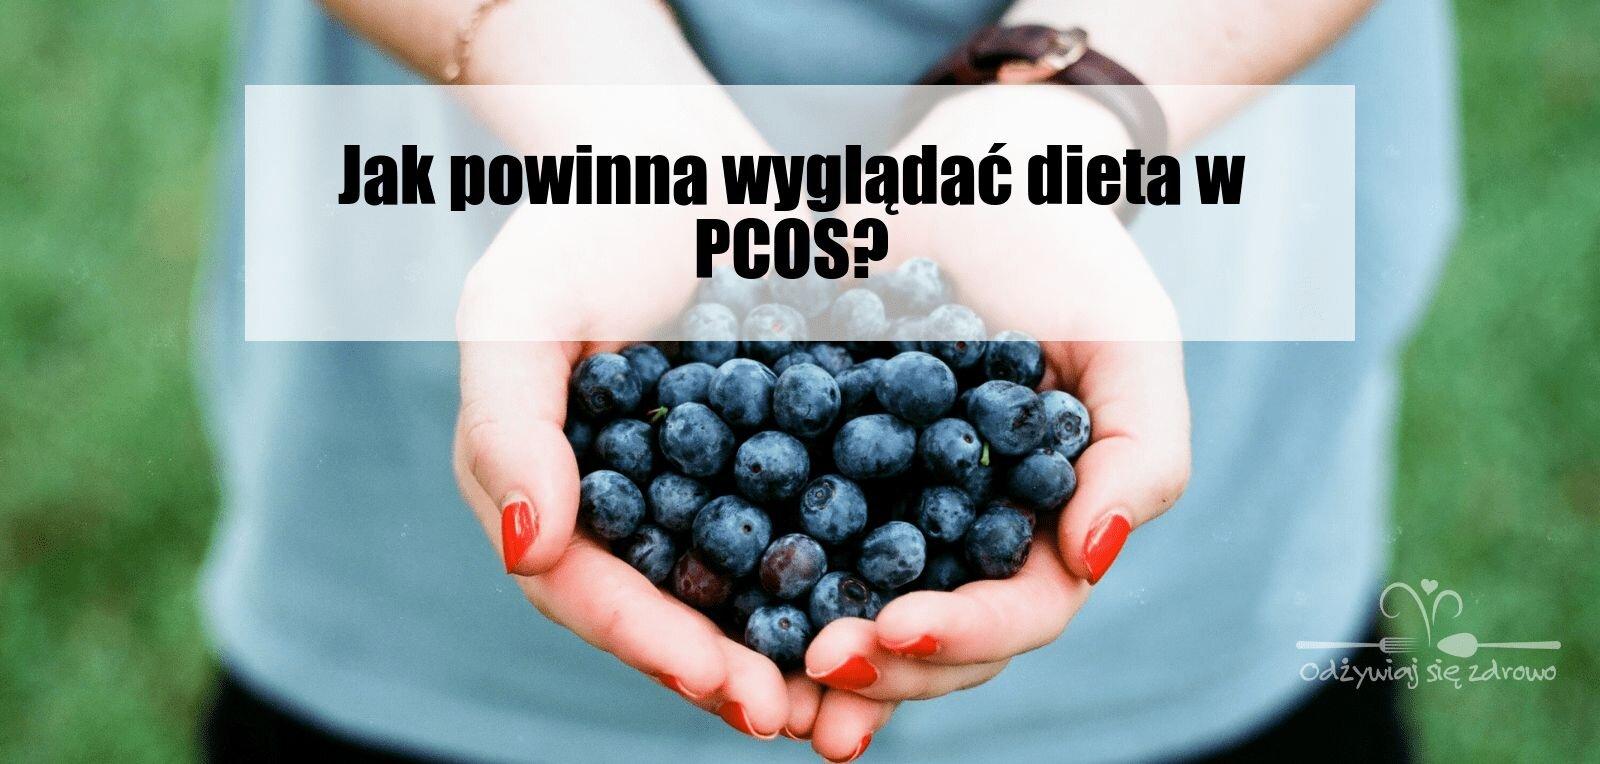 Jak powinna wyglądać dieta w PCOS?